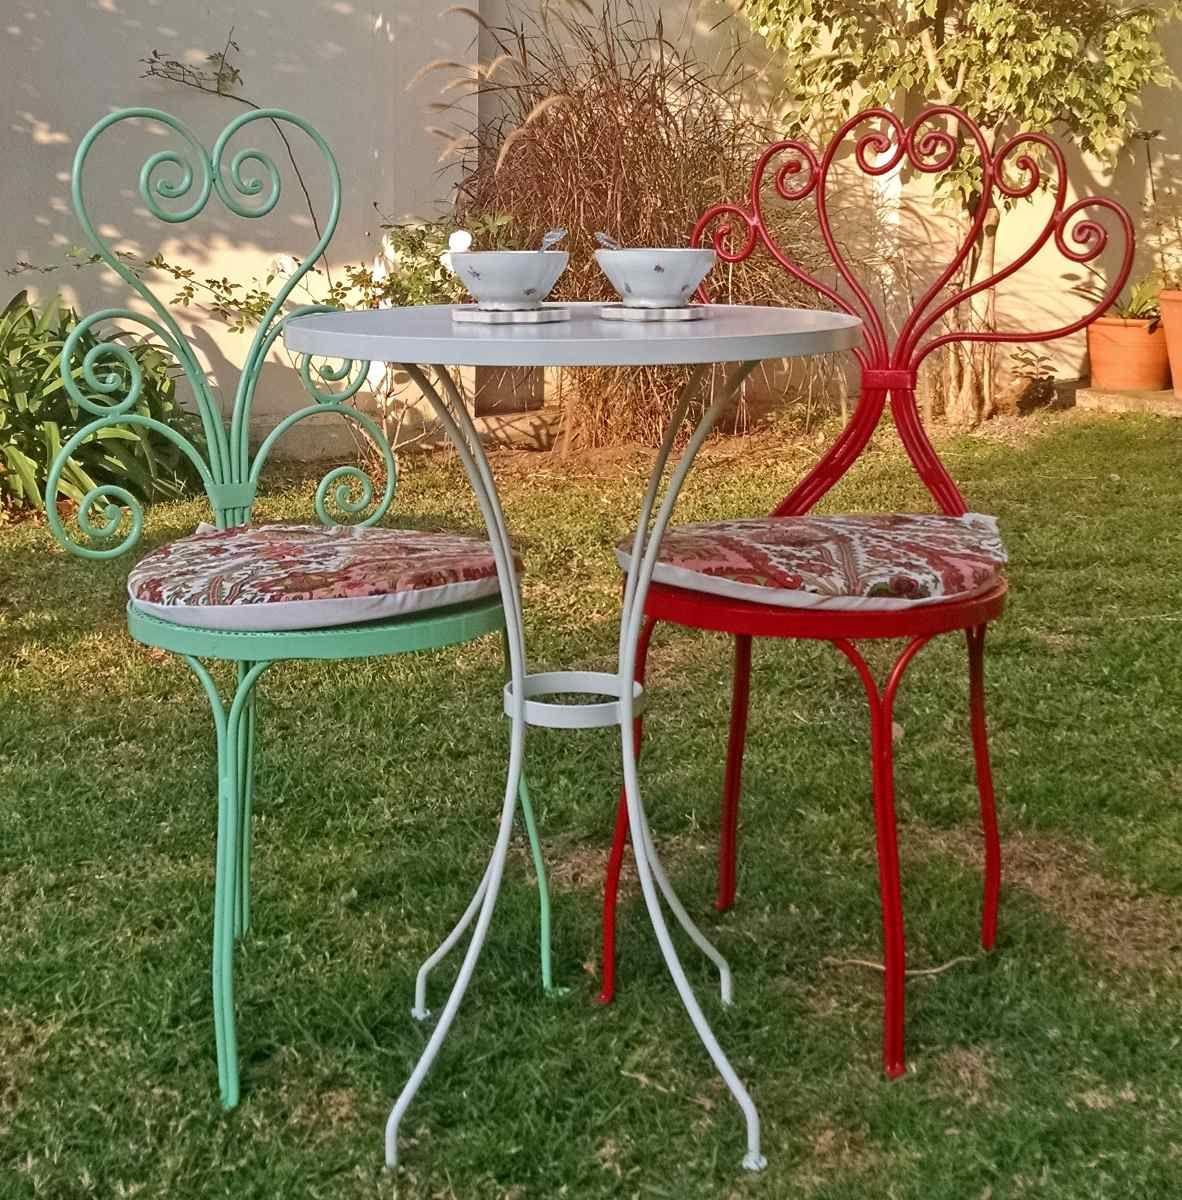 Mesa de hierro forjado 50 cms color apta exterior e for Muebles de jardin de hierro forjado